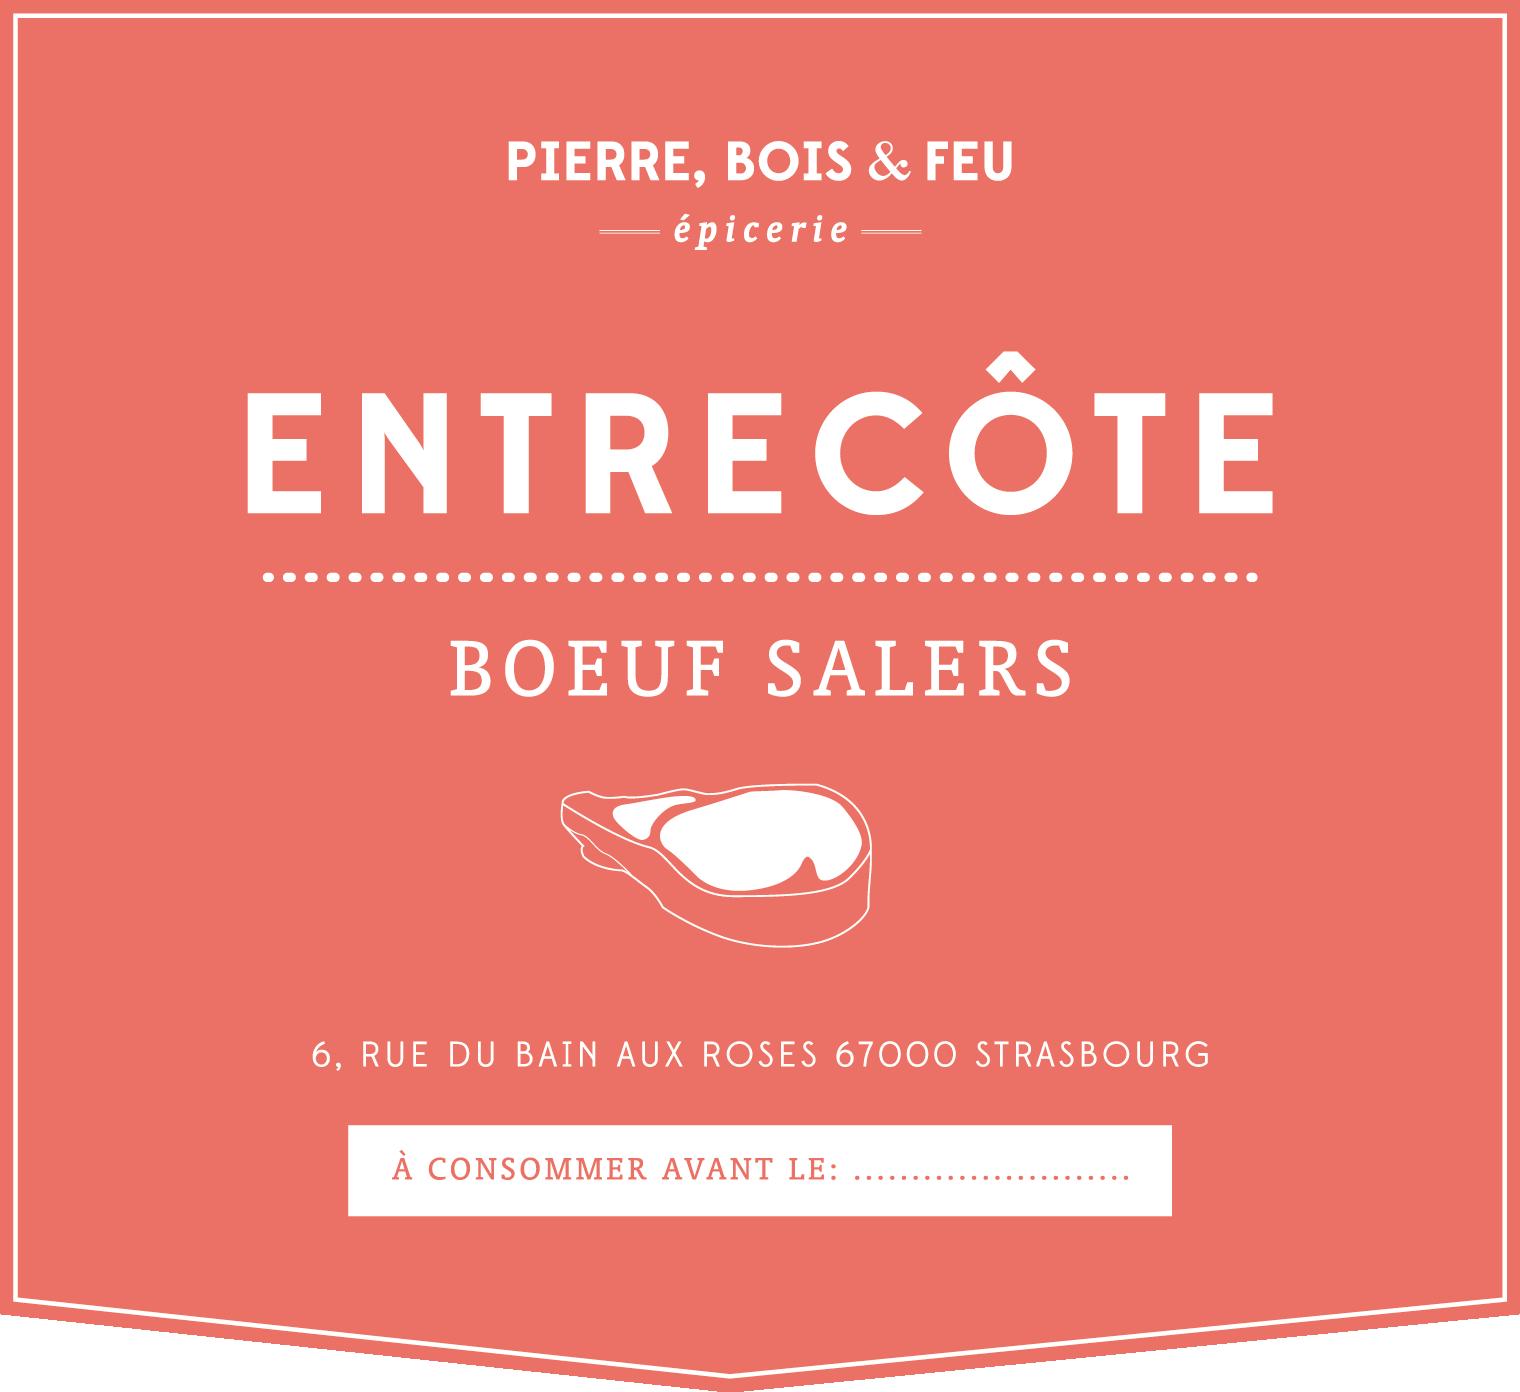 epicerie_entrecote-04